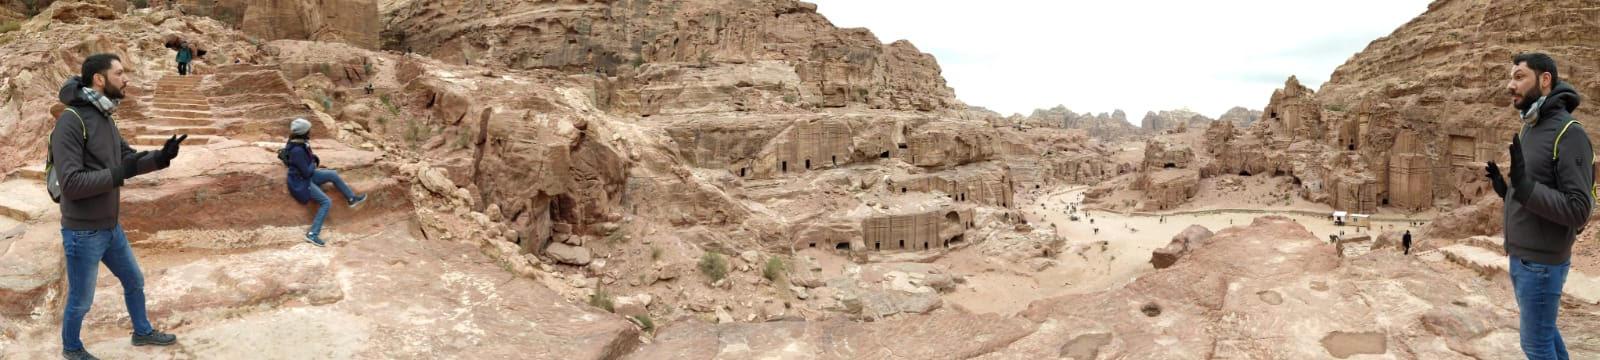 giordania6